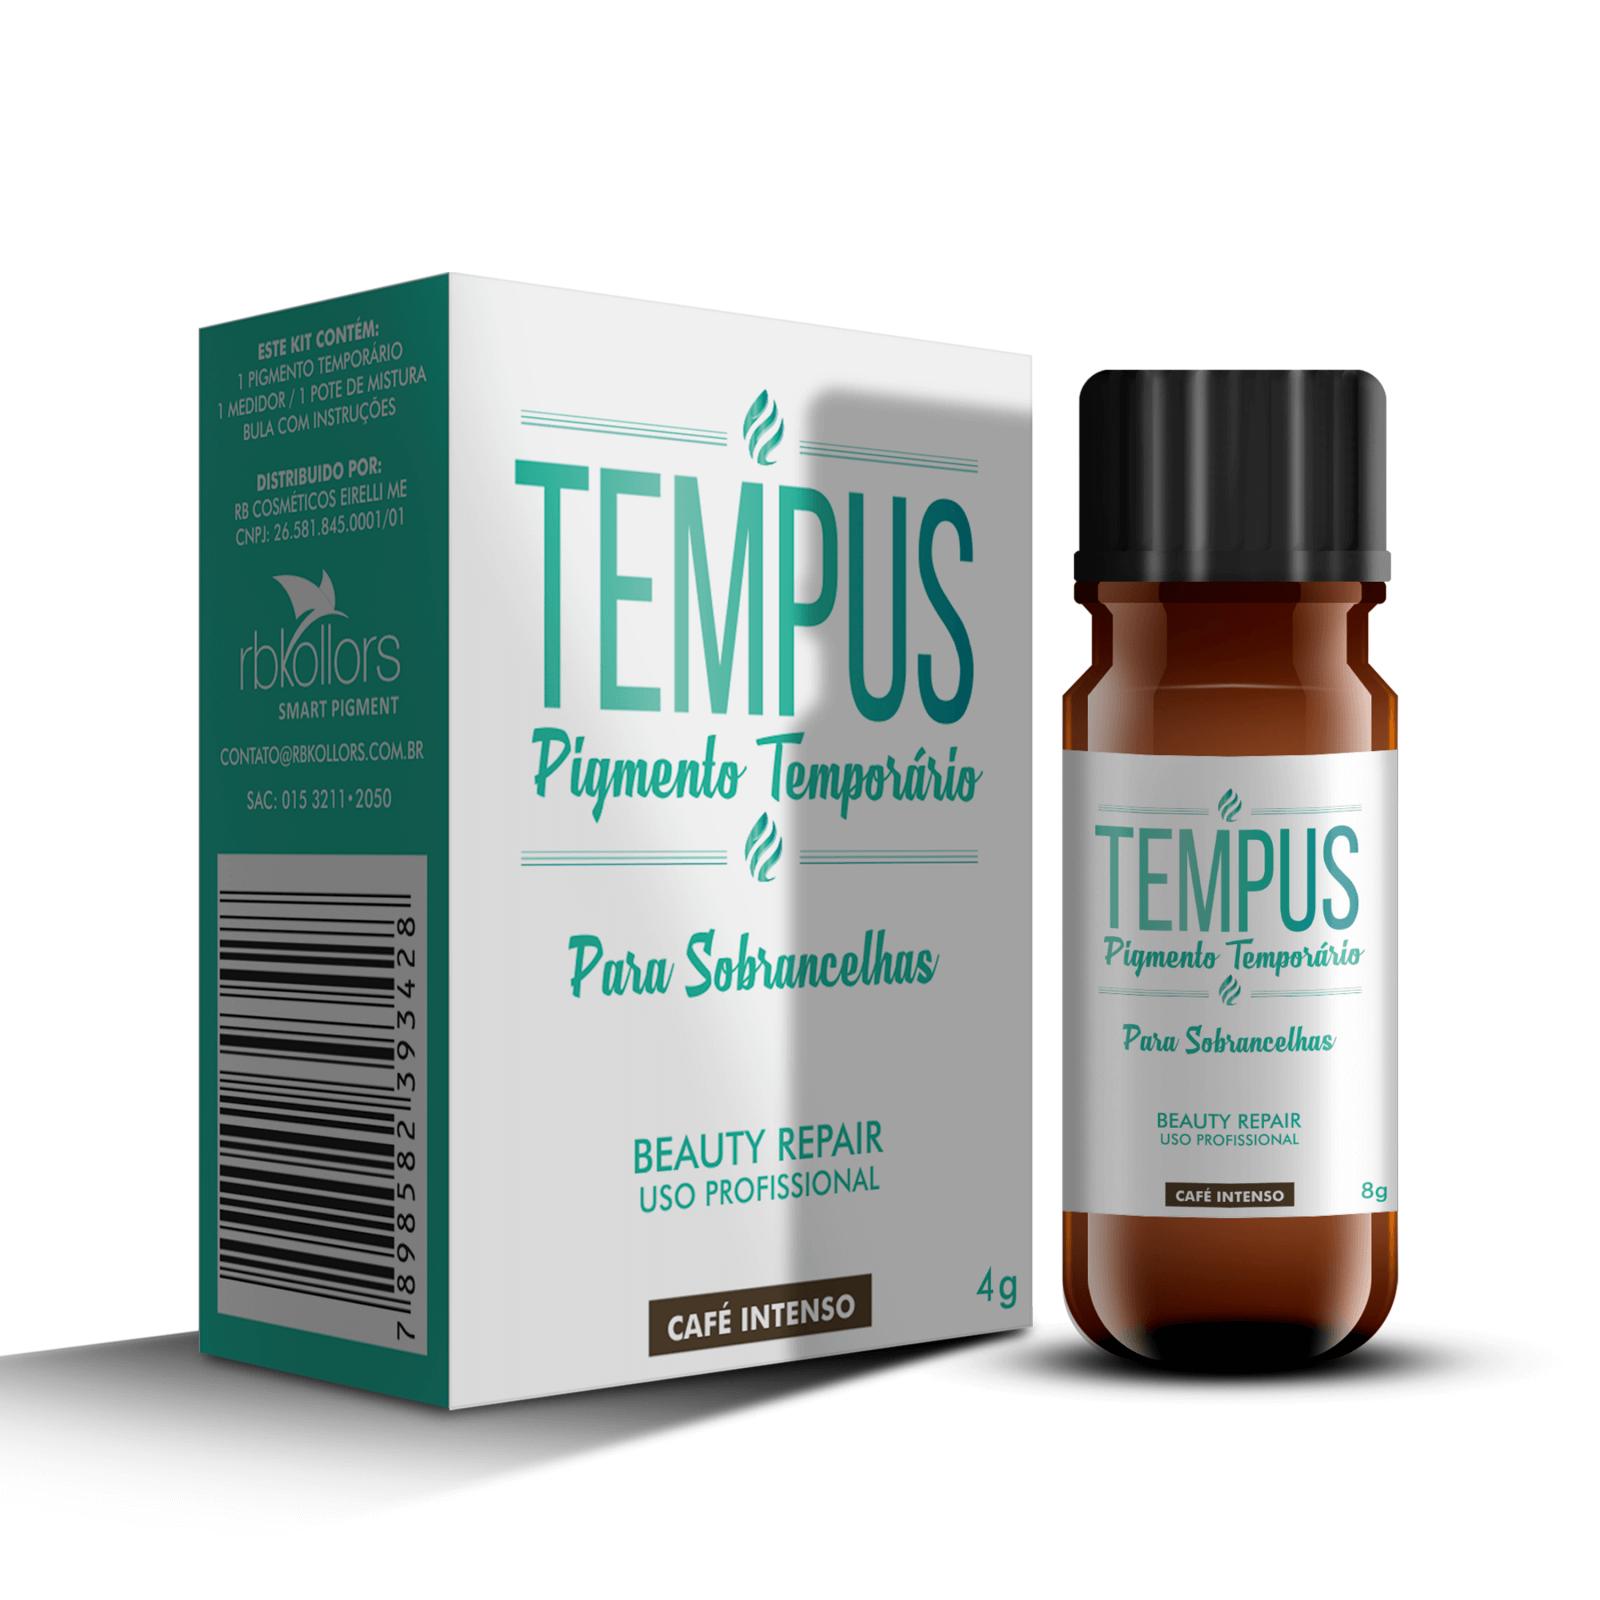 Pigmento Temporário Rb Kollors Tempus Café Intenso 4g